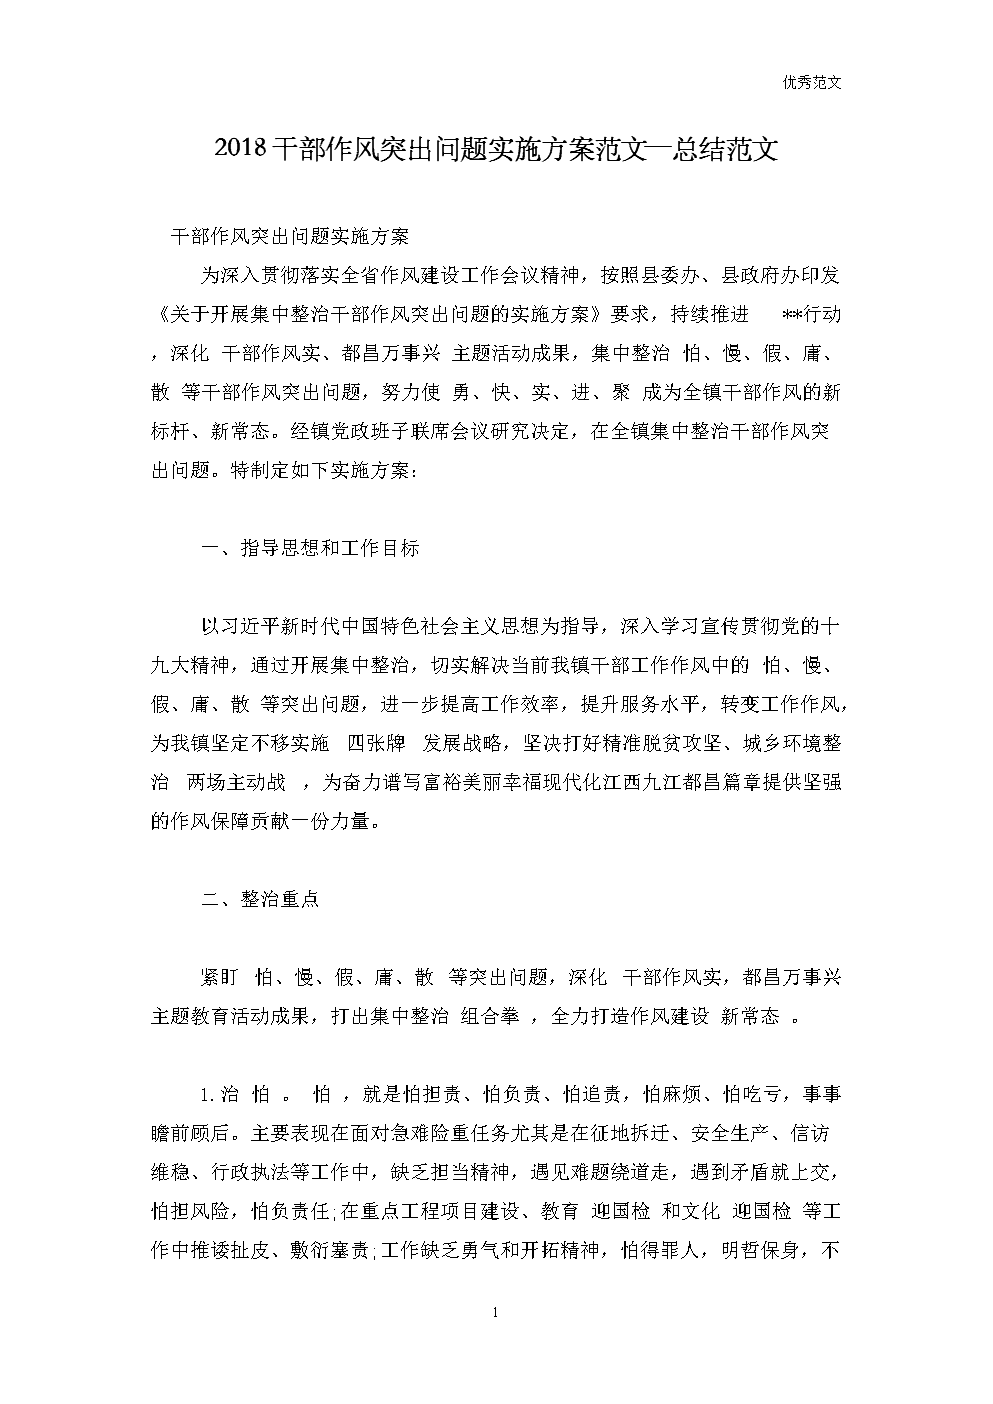 2018干部作风突出问题实施方案范文—总结范文.doc